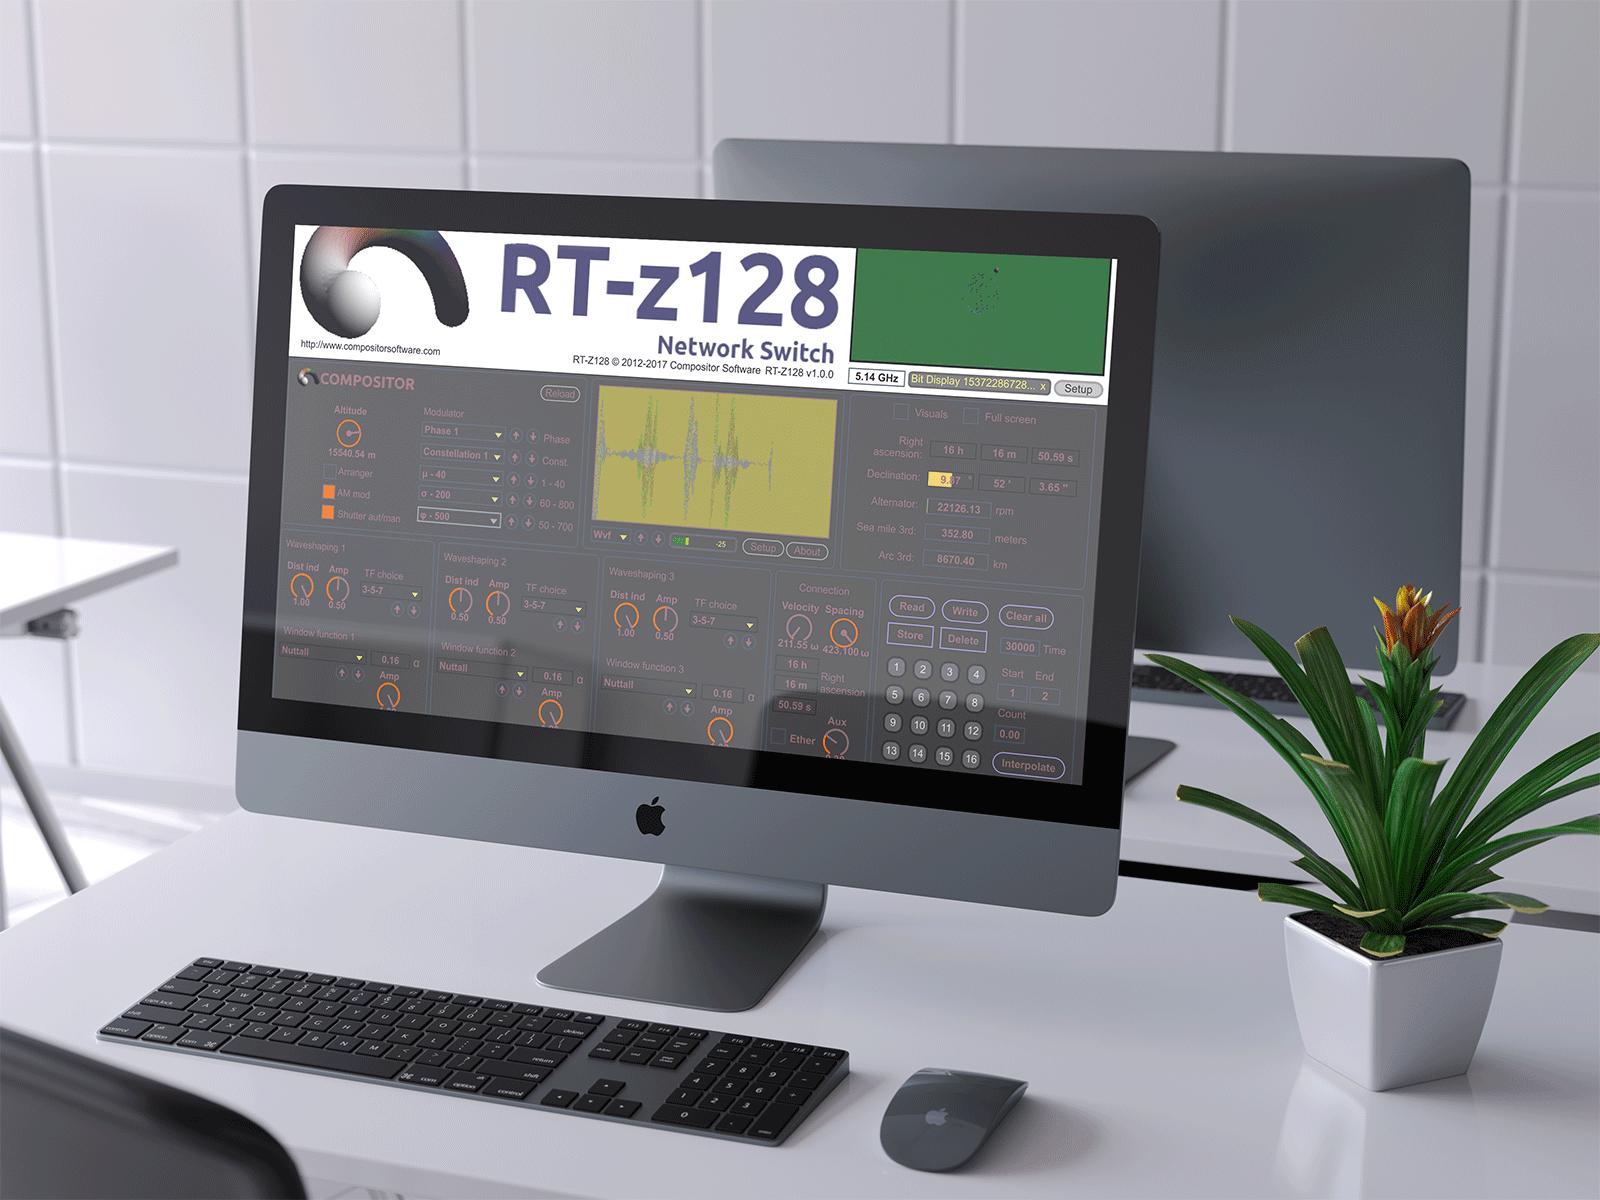 Compositor v5.0 on iMac Pro